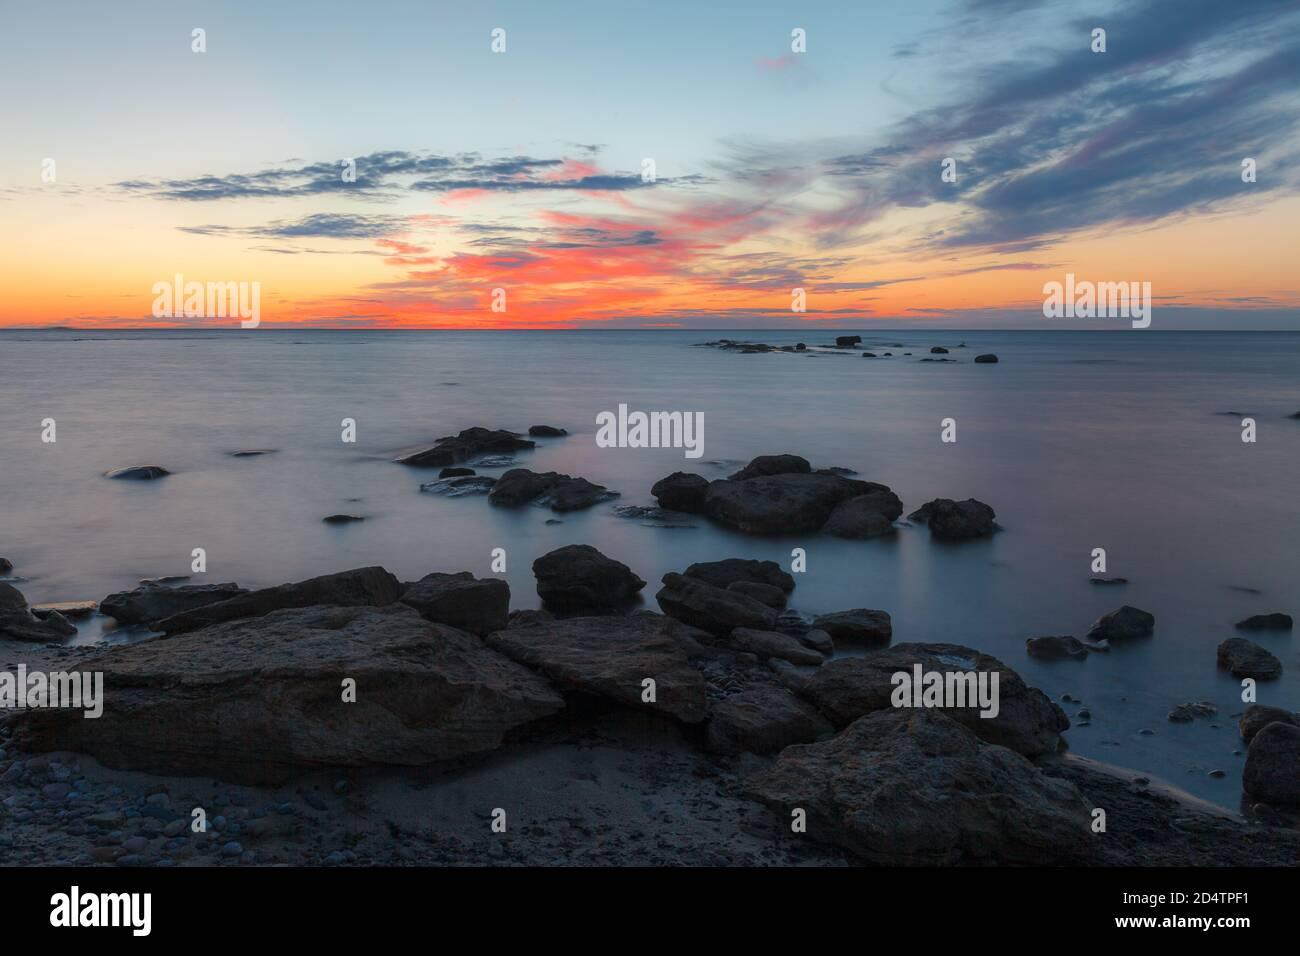 Coucher de soleil au crépuscule sur la côte rocheuse de la mer Baltique. Ciel presque clair et sangle orange le long de la horison. Estonie. Banque D'Images